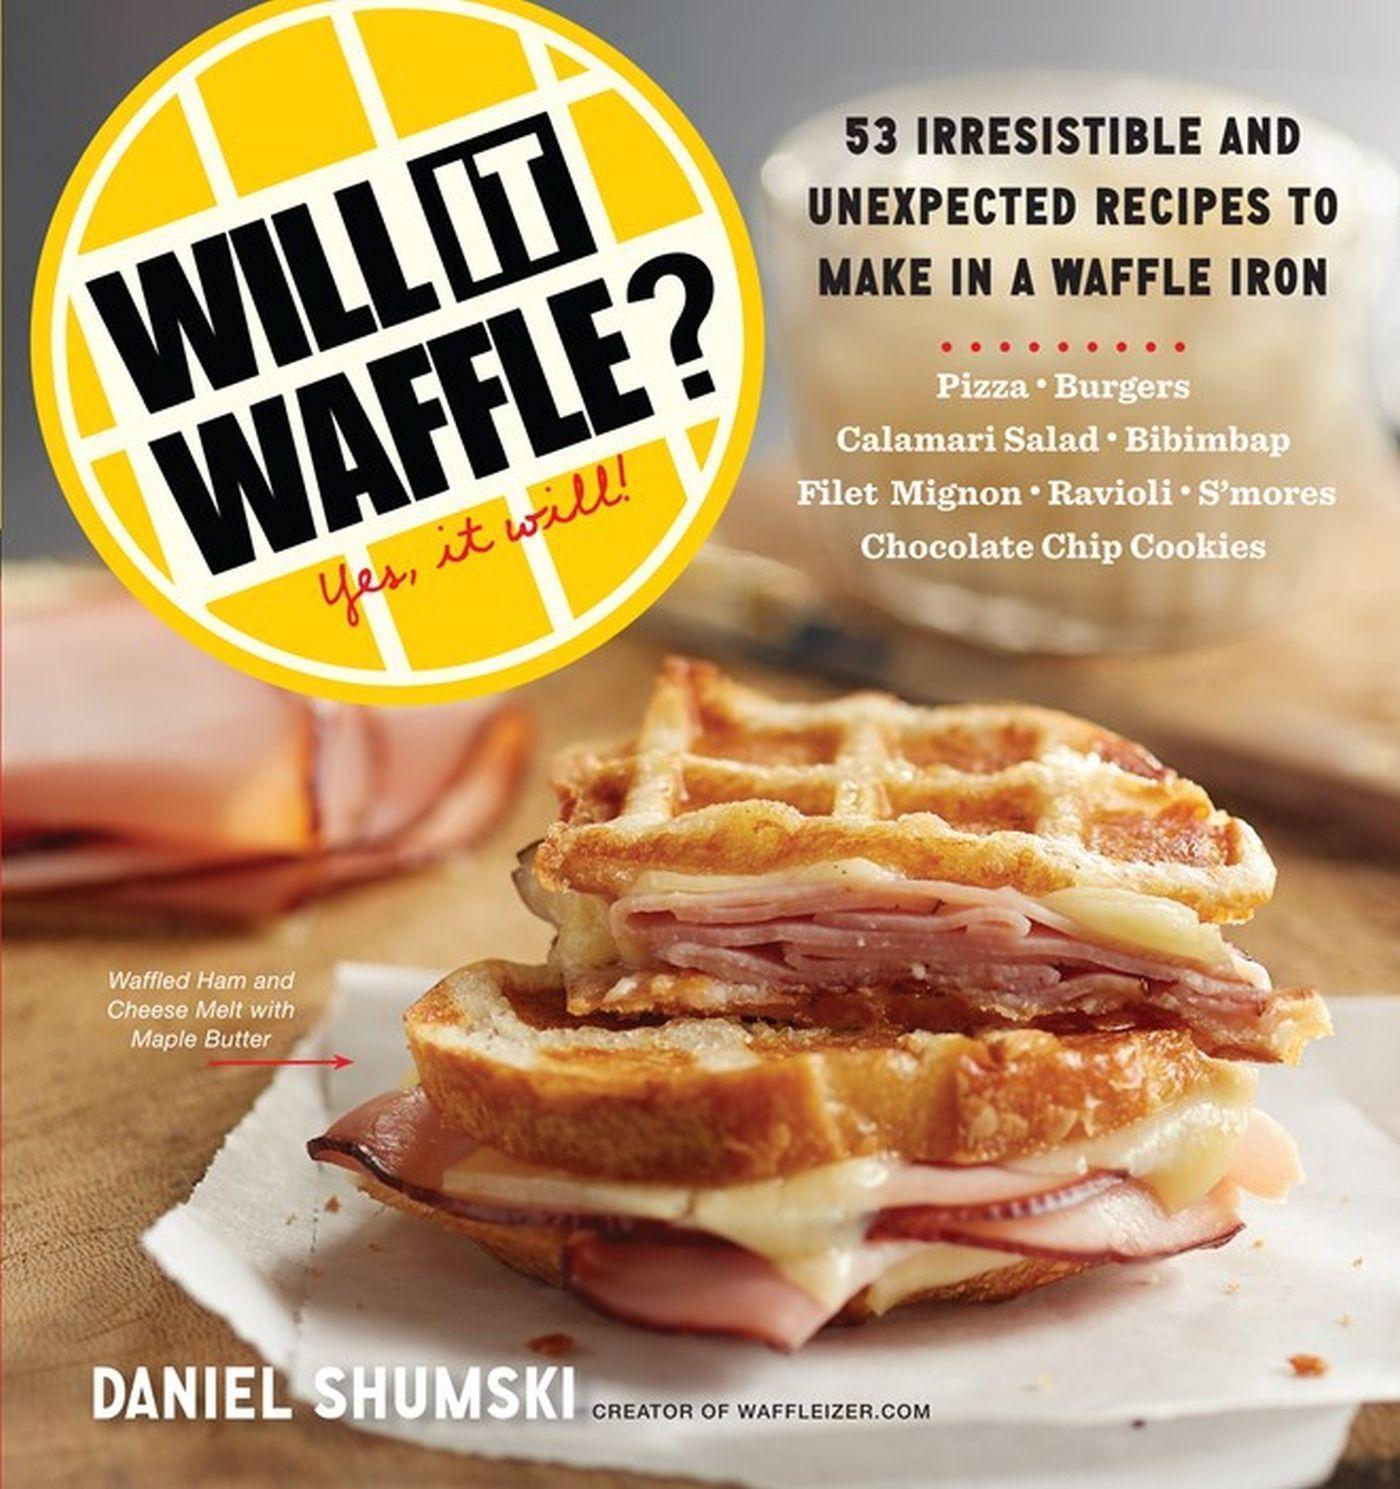 Will it Waffle?, Daniel Shumski